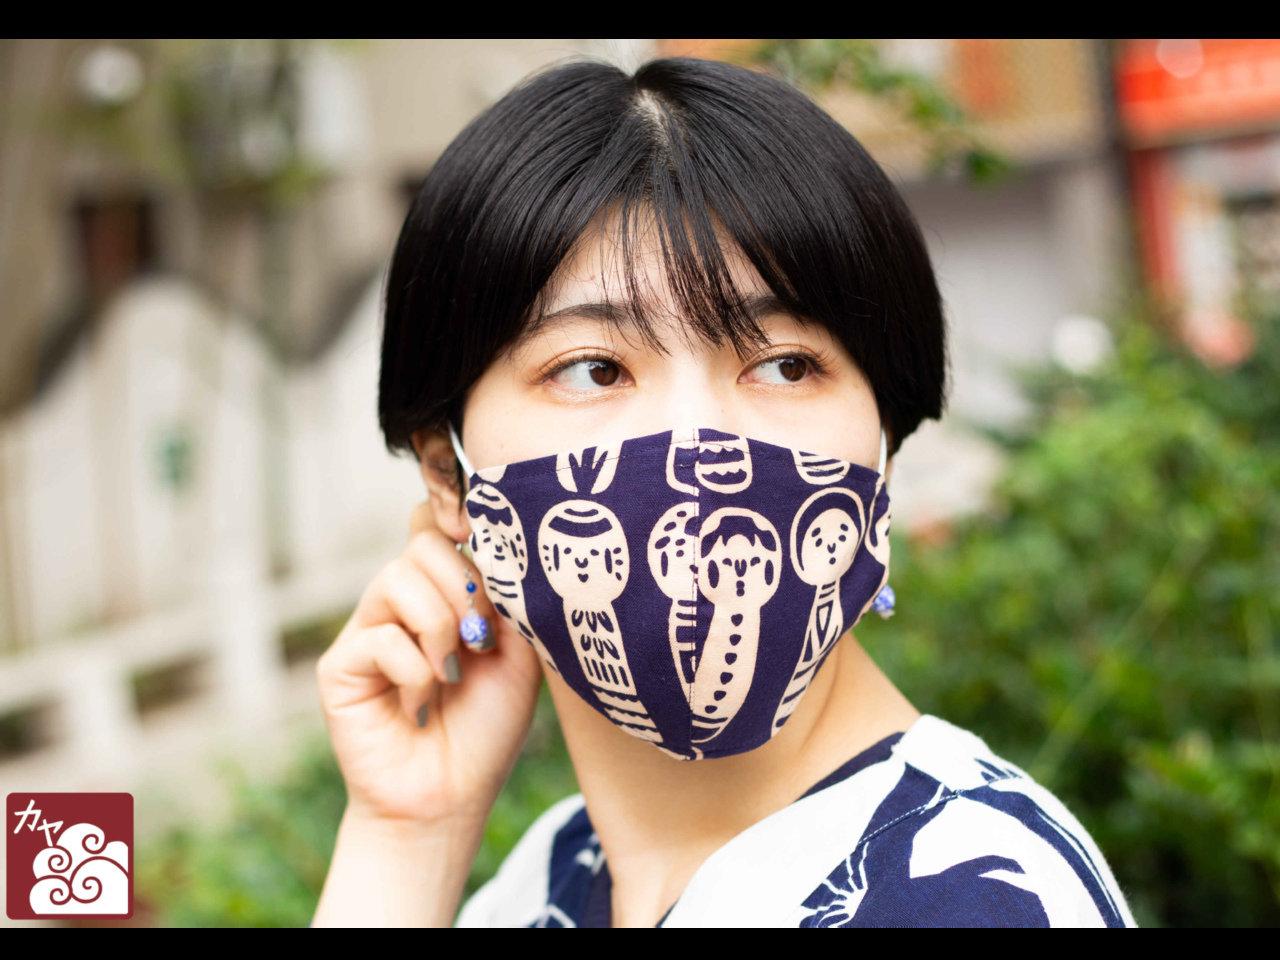 1枚1,320円。和柄マスクに新柄登場。彩り豊かに「動物」や「日本の民芸」柄のマスクです。